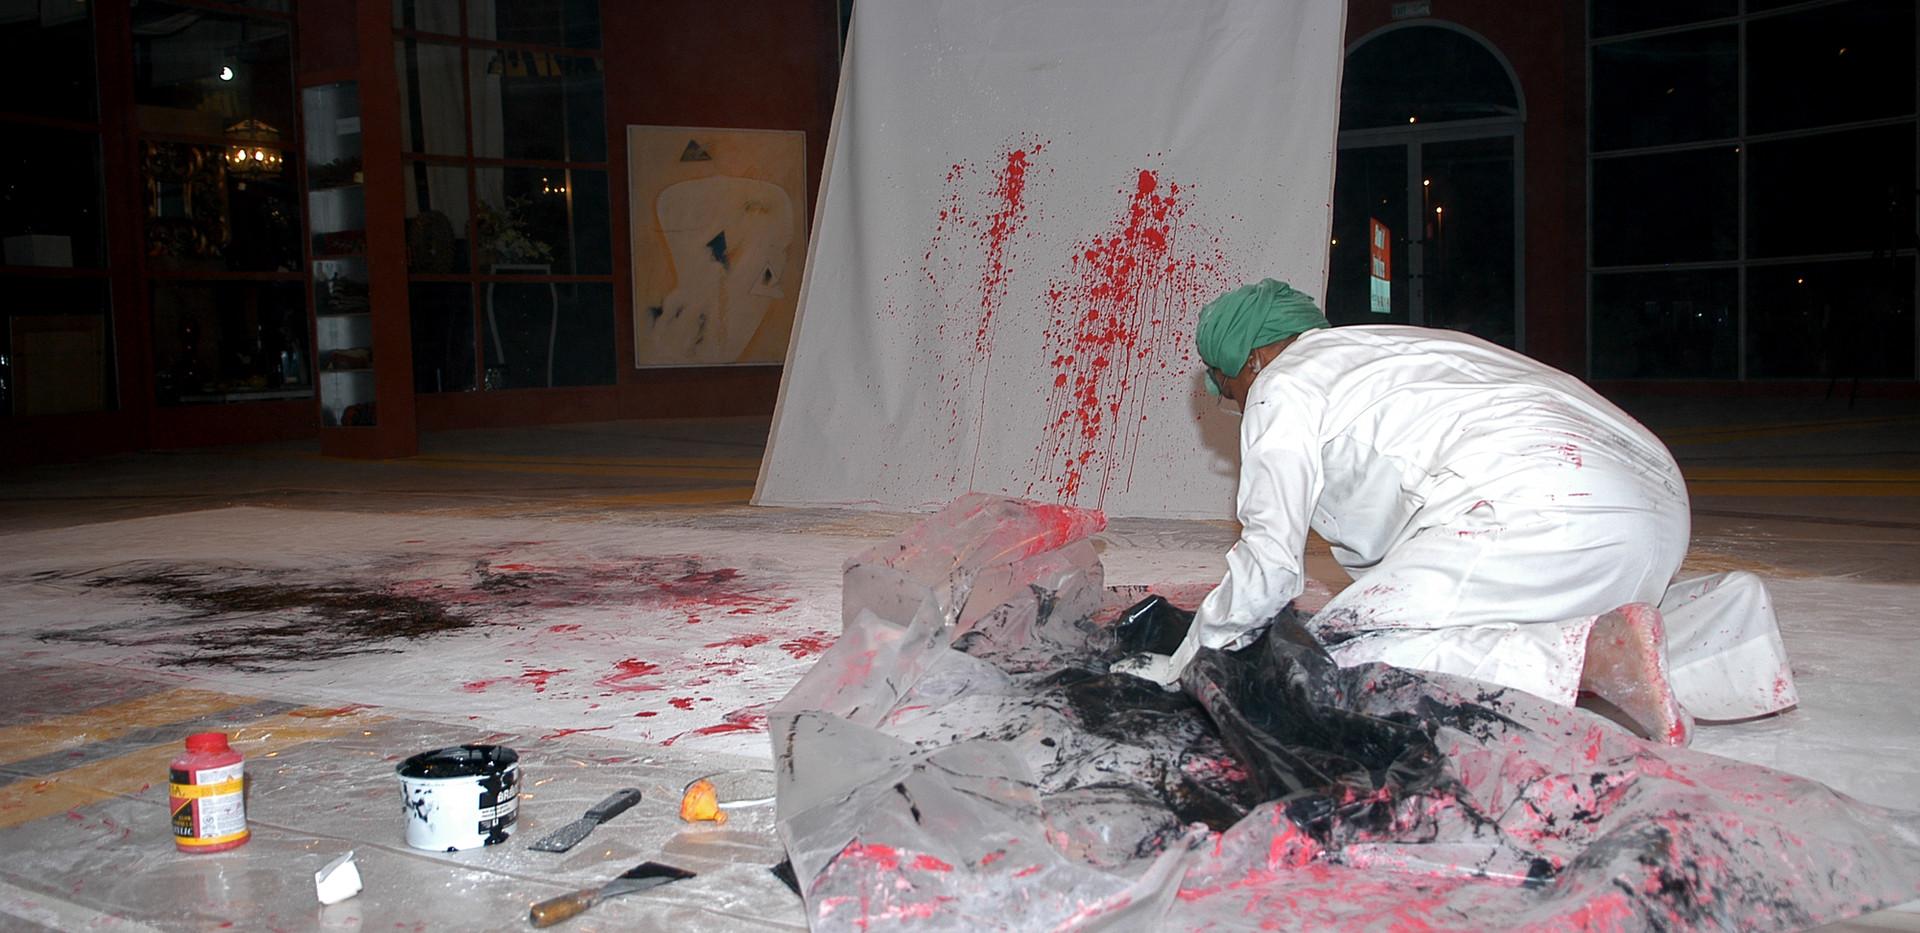 Zar Performance by Abdul Raheem Salem